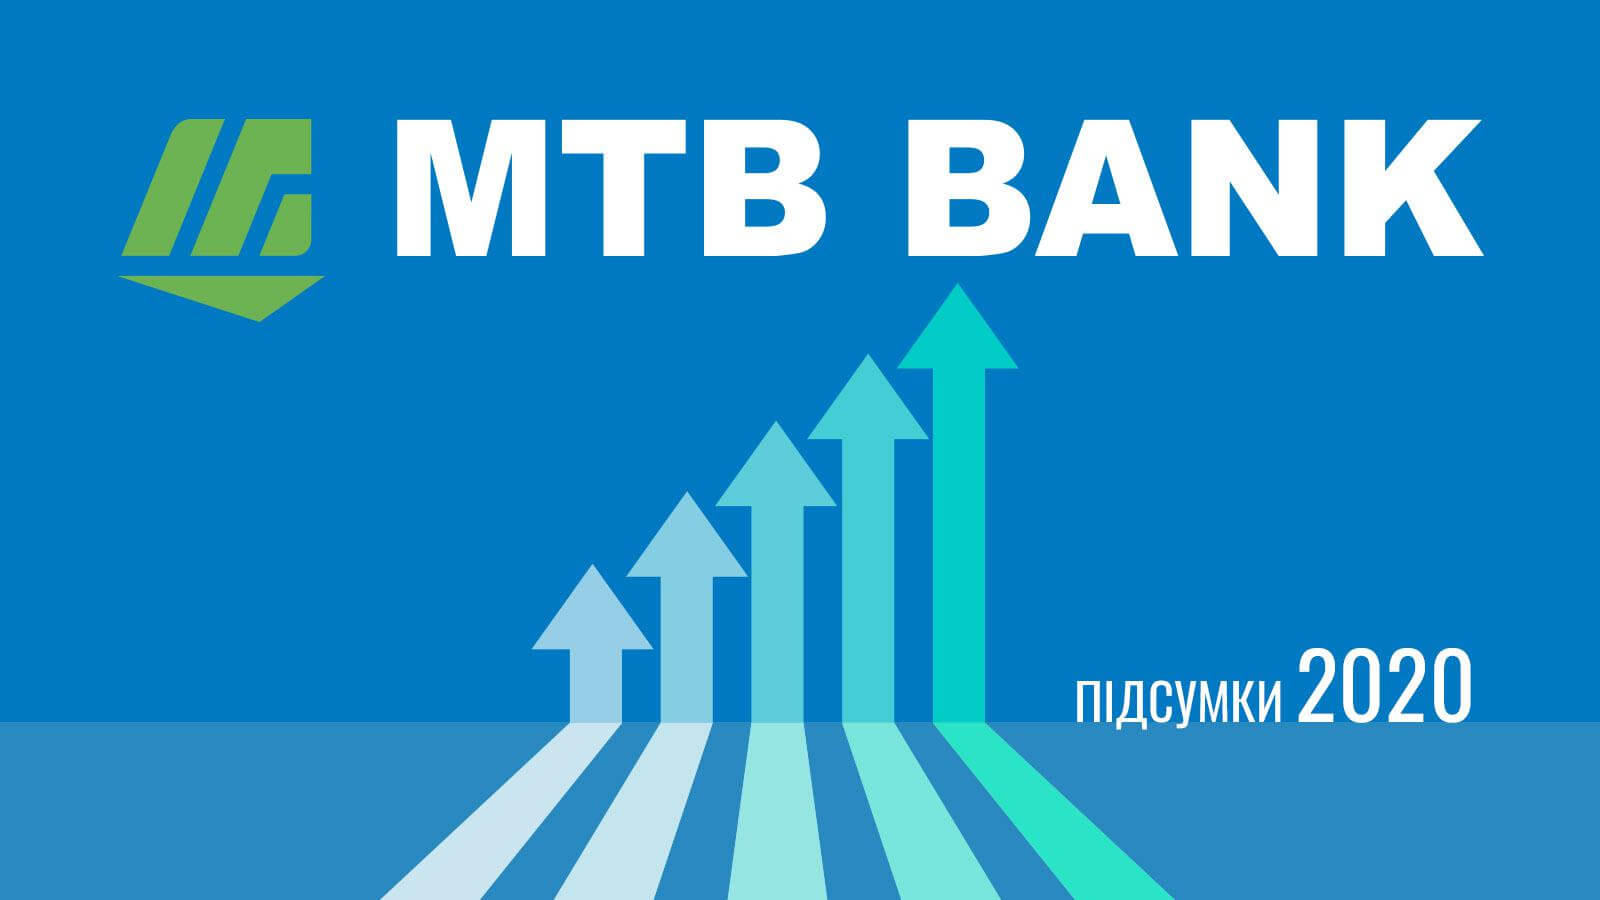 Итоги-2020:  МТБ БАНК продемонстрировал 63% прироста прибыли  - фото - mtb.ua